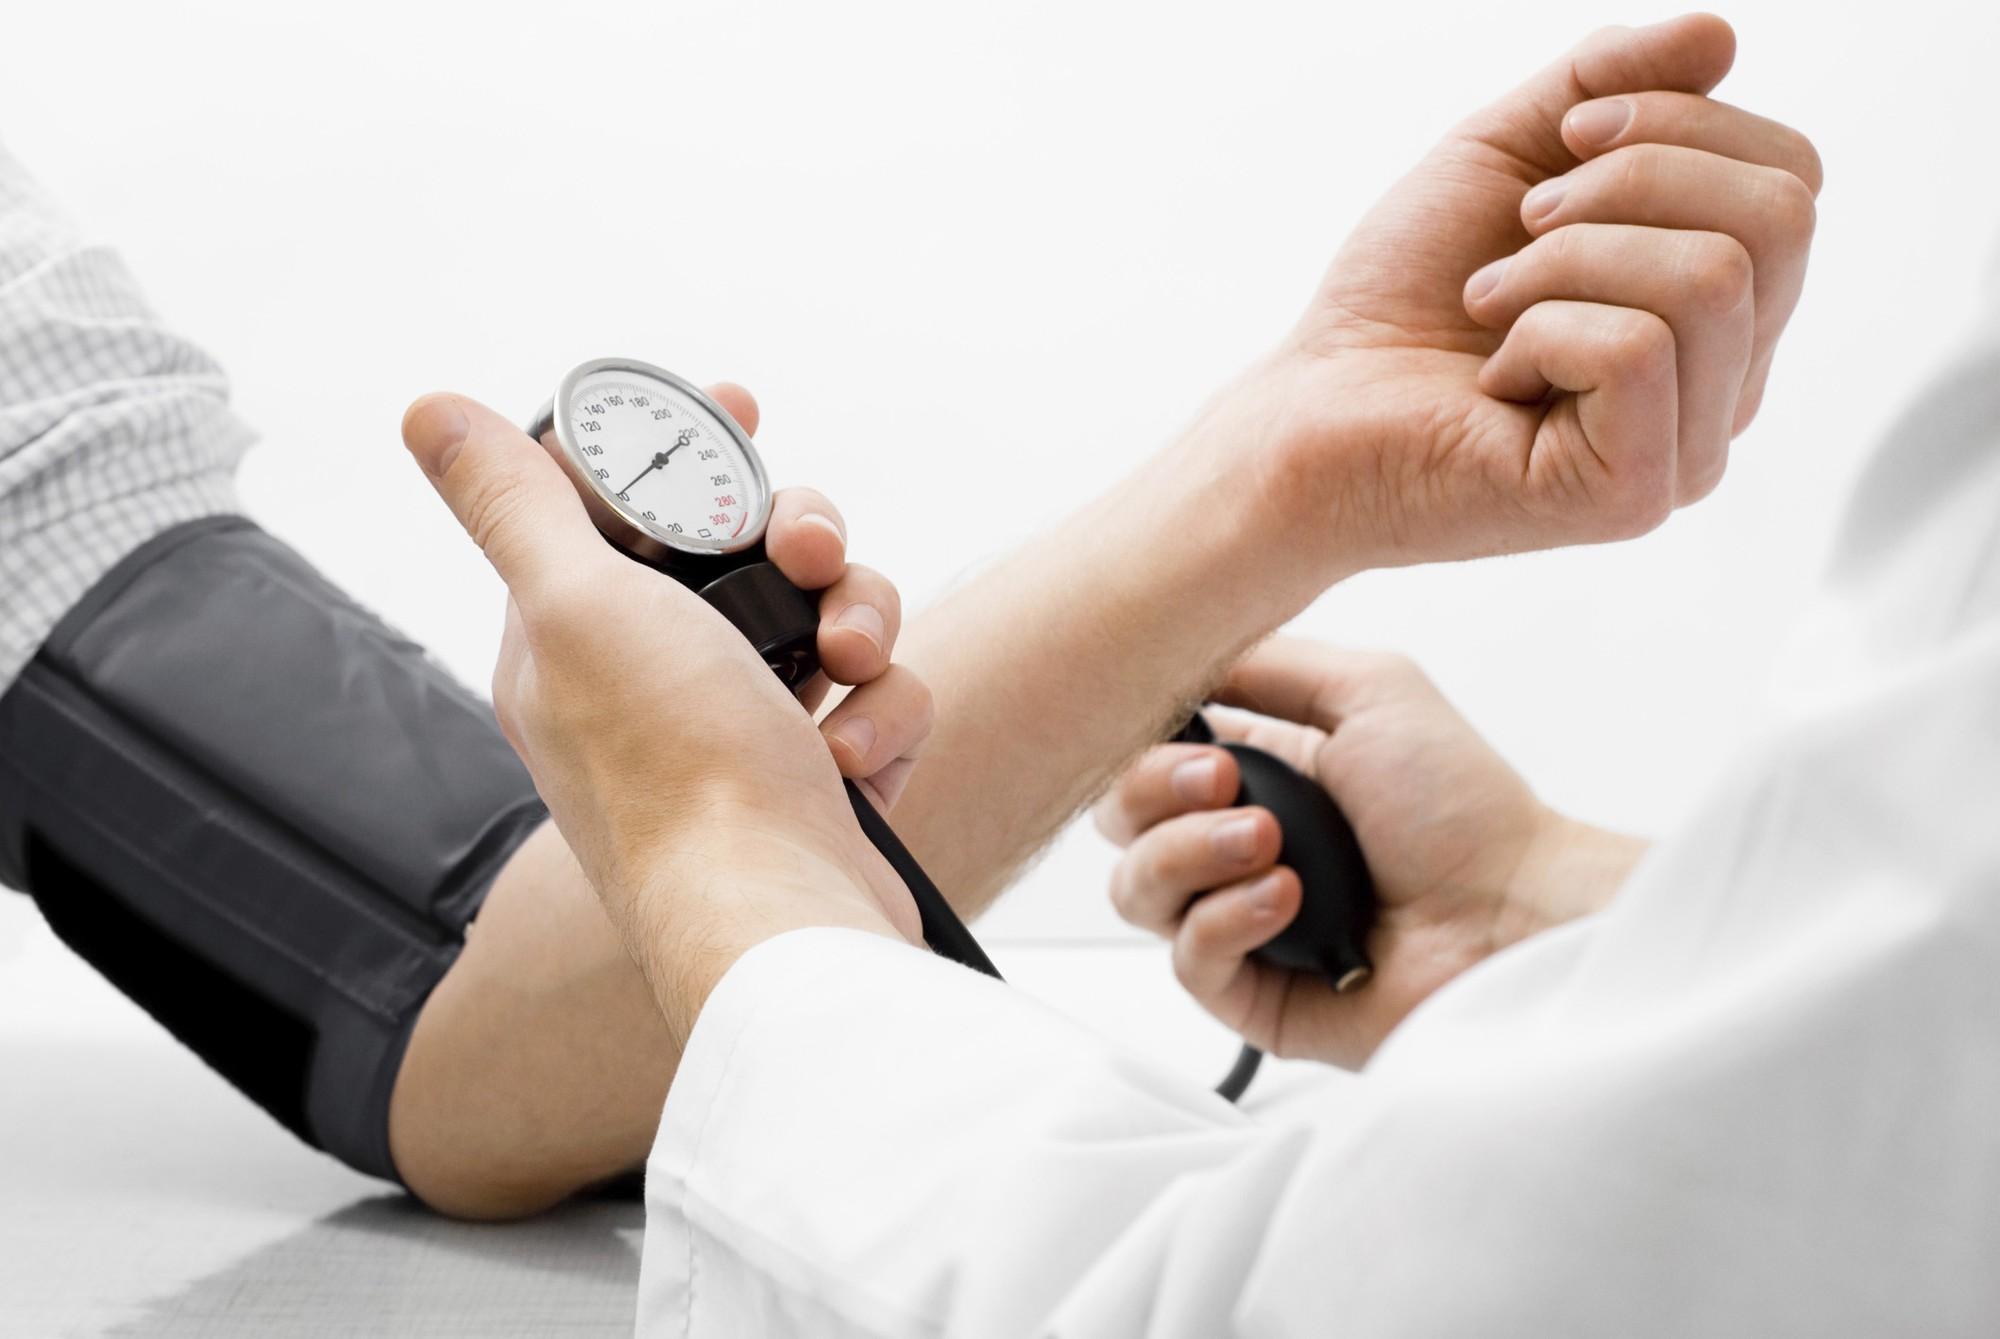 Những biểu hiện của bệnh gan nhiễm mỡ mà bạn nên sớm phát hiện trước khi dẫn đến ung thư gan - Ảnh 8.